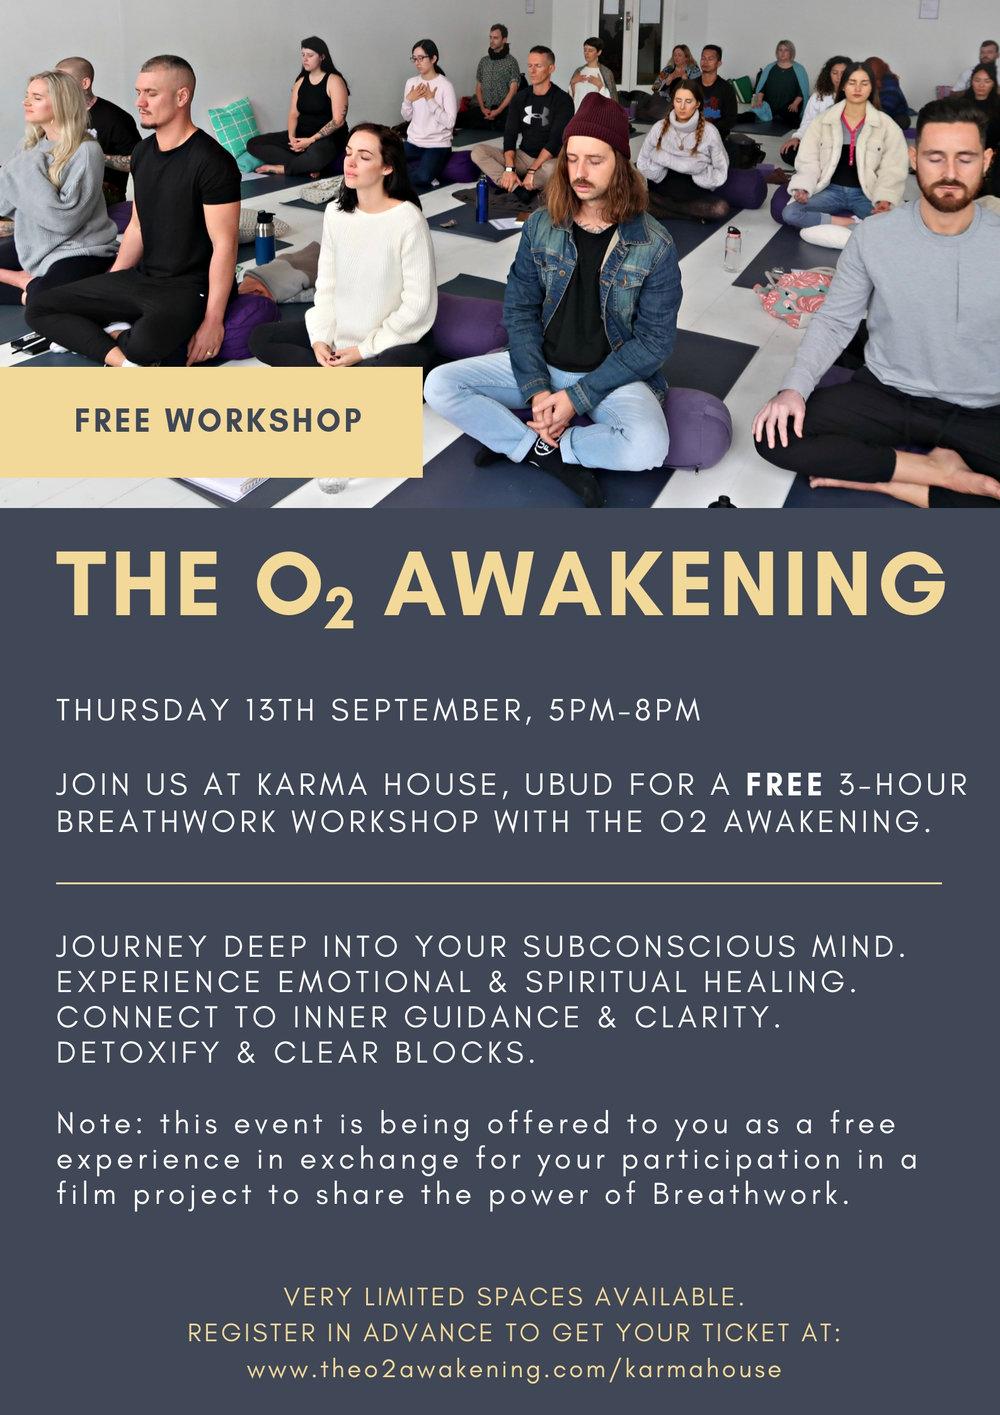 The O2 Awakening X Karma House